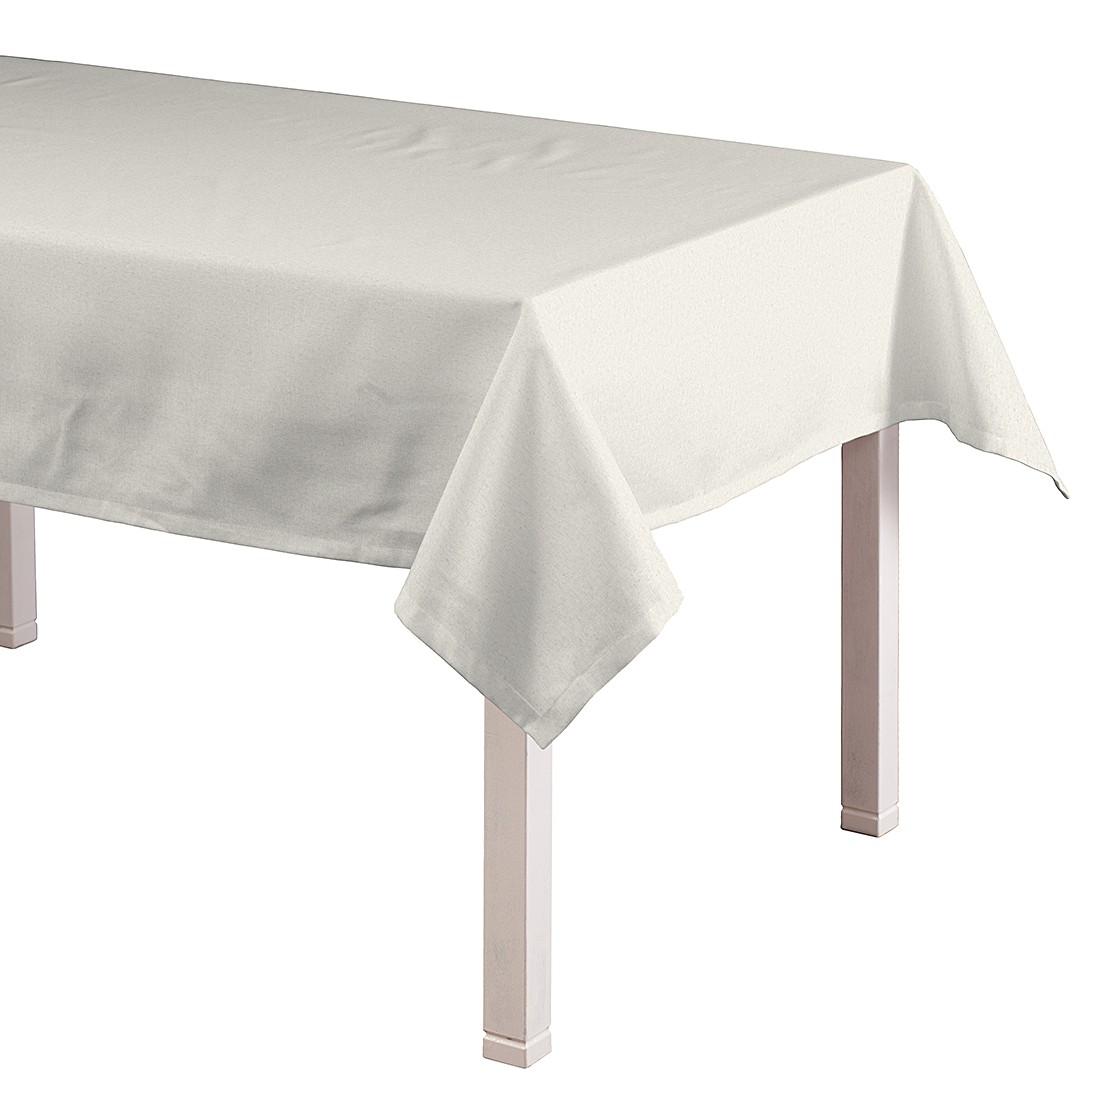 Tischdecke Loneta – Creme – 130 x 280 cm, Dekoria günstig online kaufen